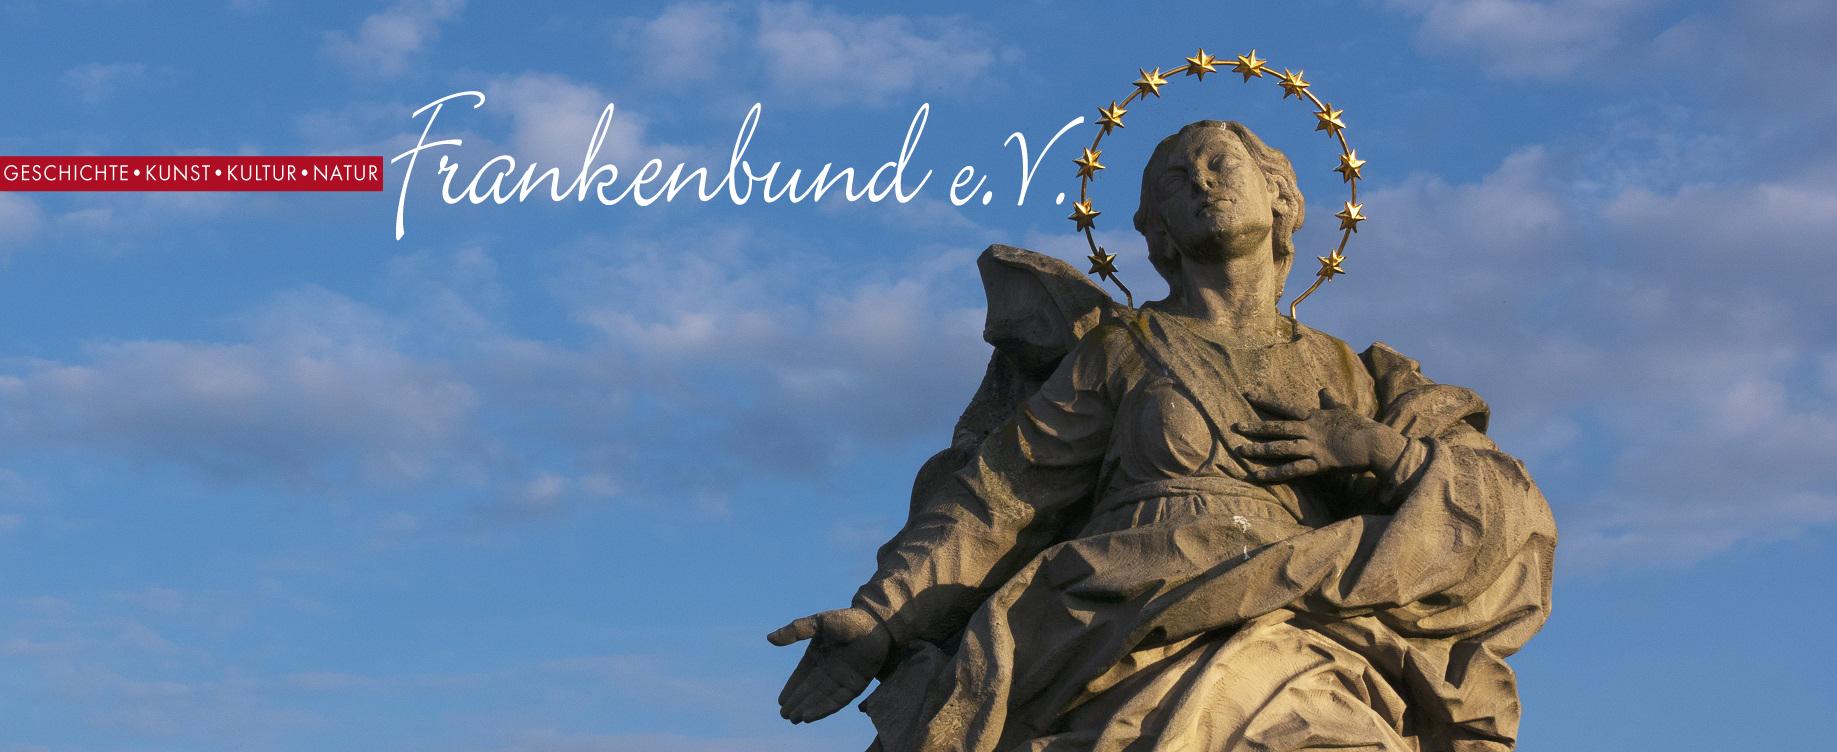 Frankenbund e.V.